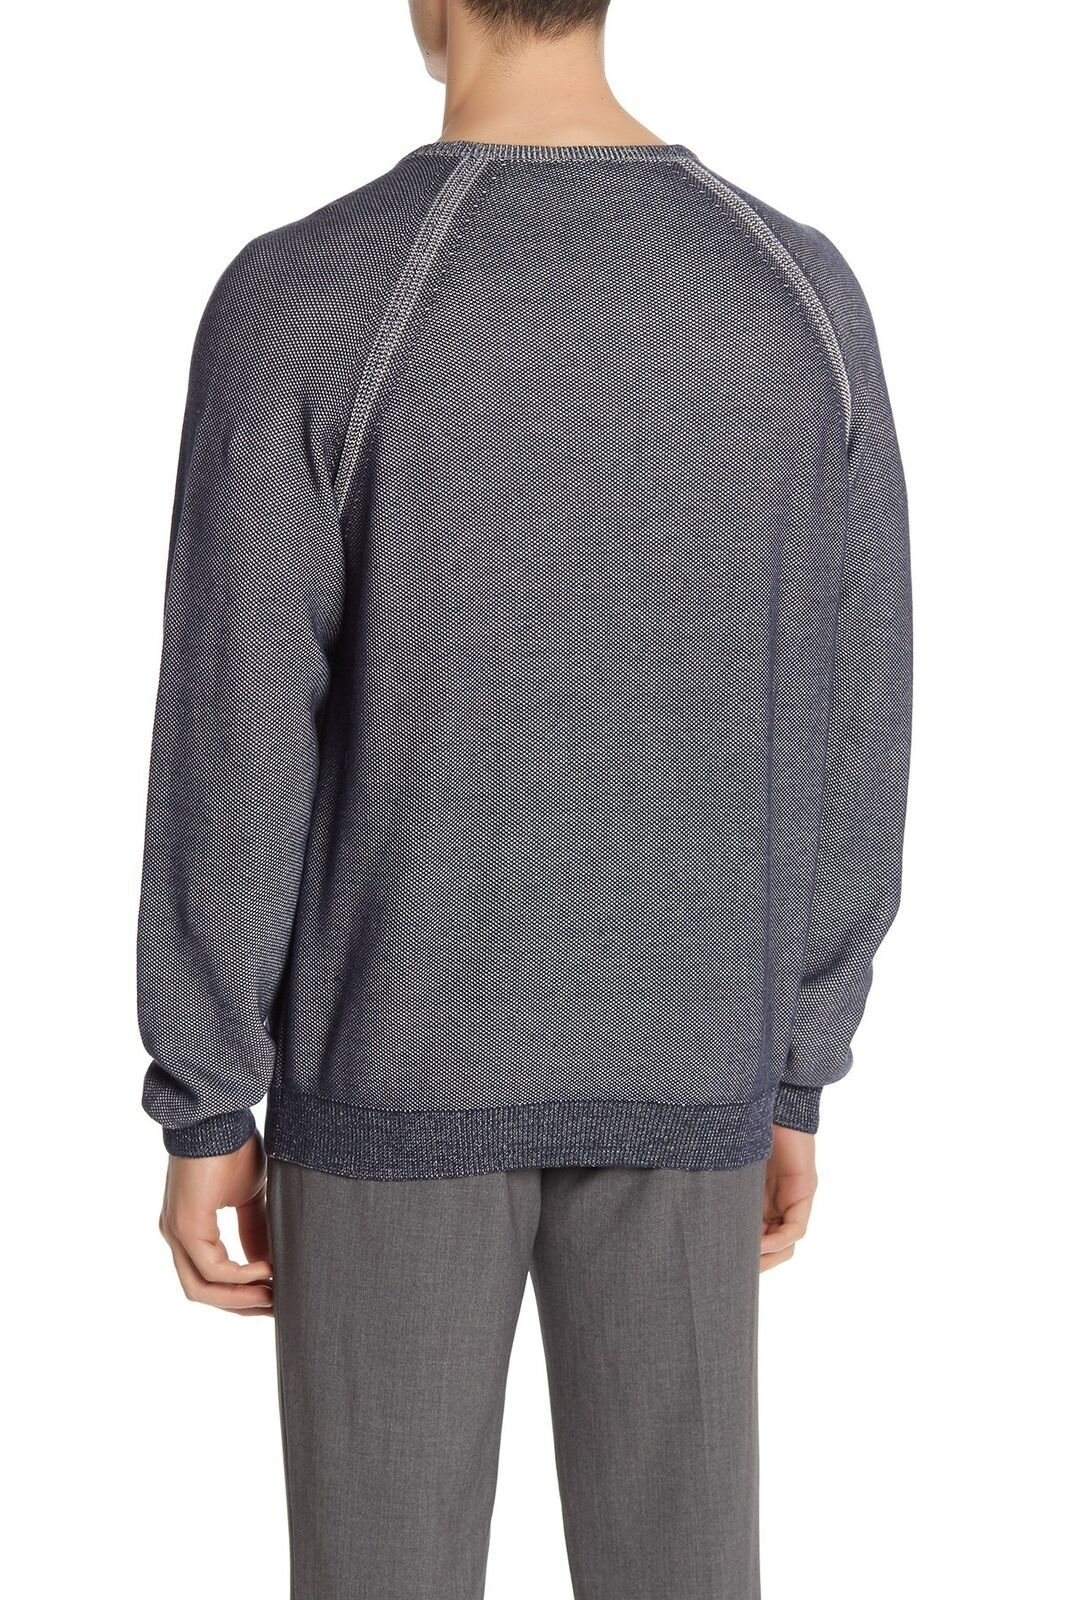 Tailor Vintage Mens Sweater Navy Blue Size Large L V-Neck Textured